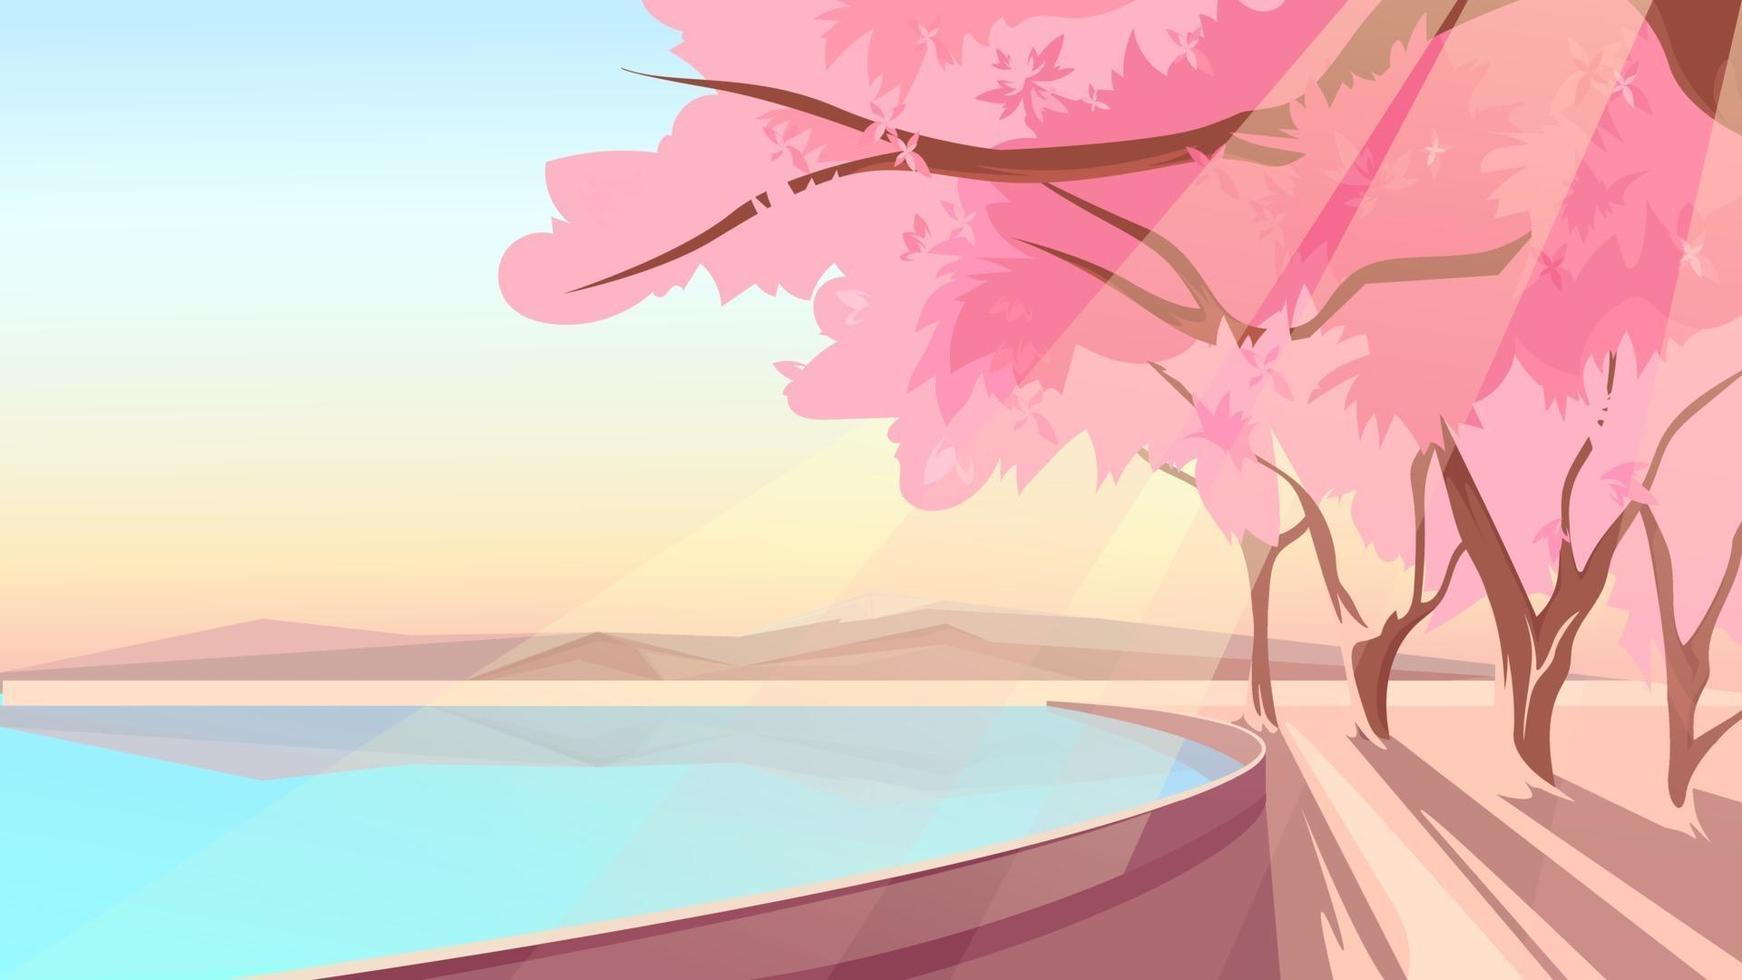 Blooming sakura on lake bank vector